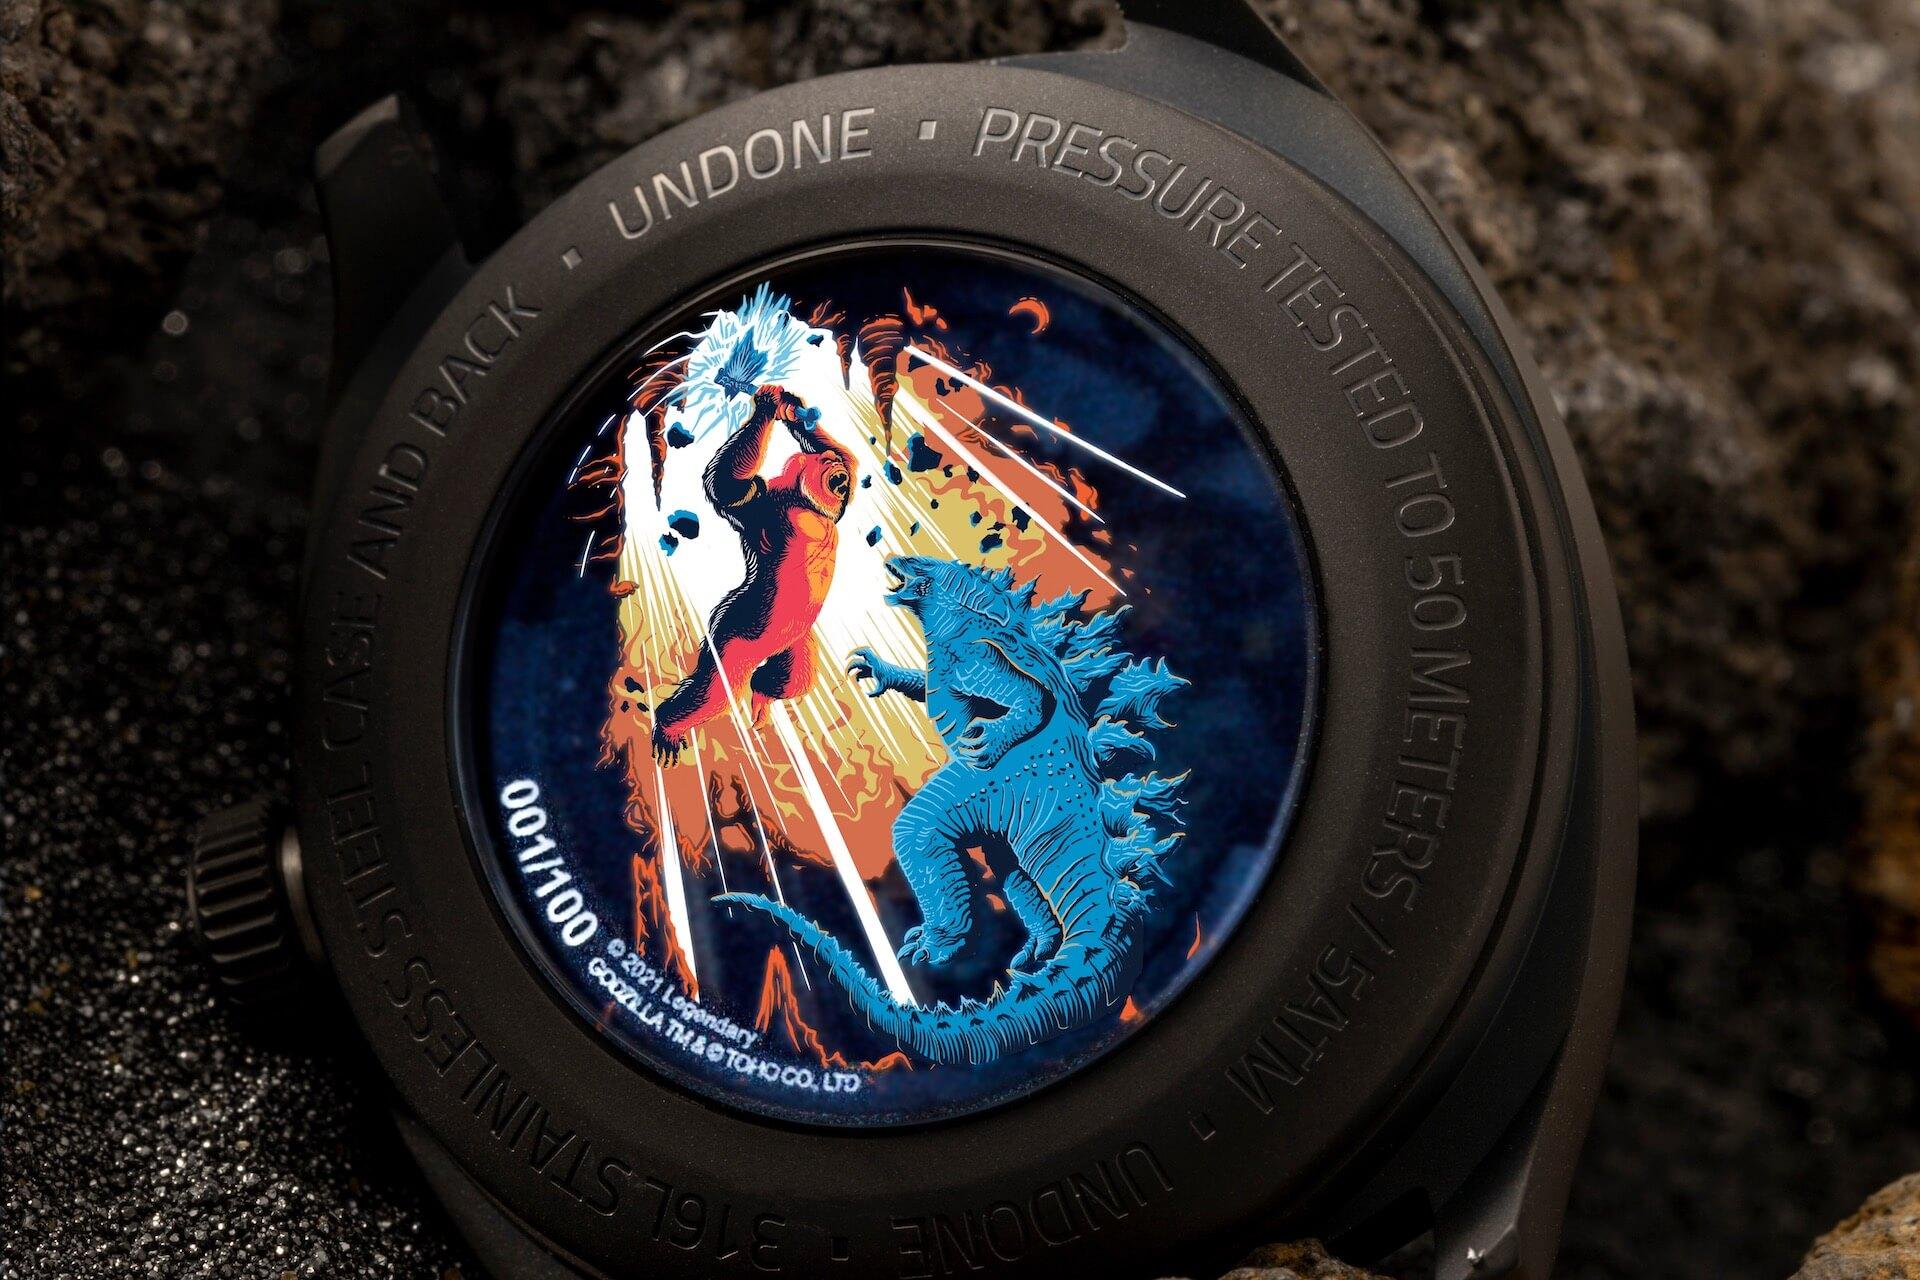 ゴジラとキングコングが腕時計に!UNDONEと『ゴジラvsコング』のコラボウォッチ2モデルが登場 tech210520_undone_godzilla_3